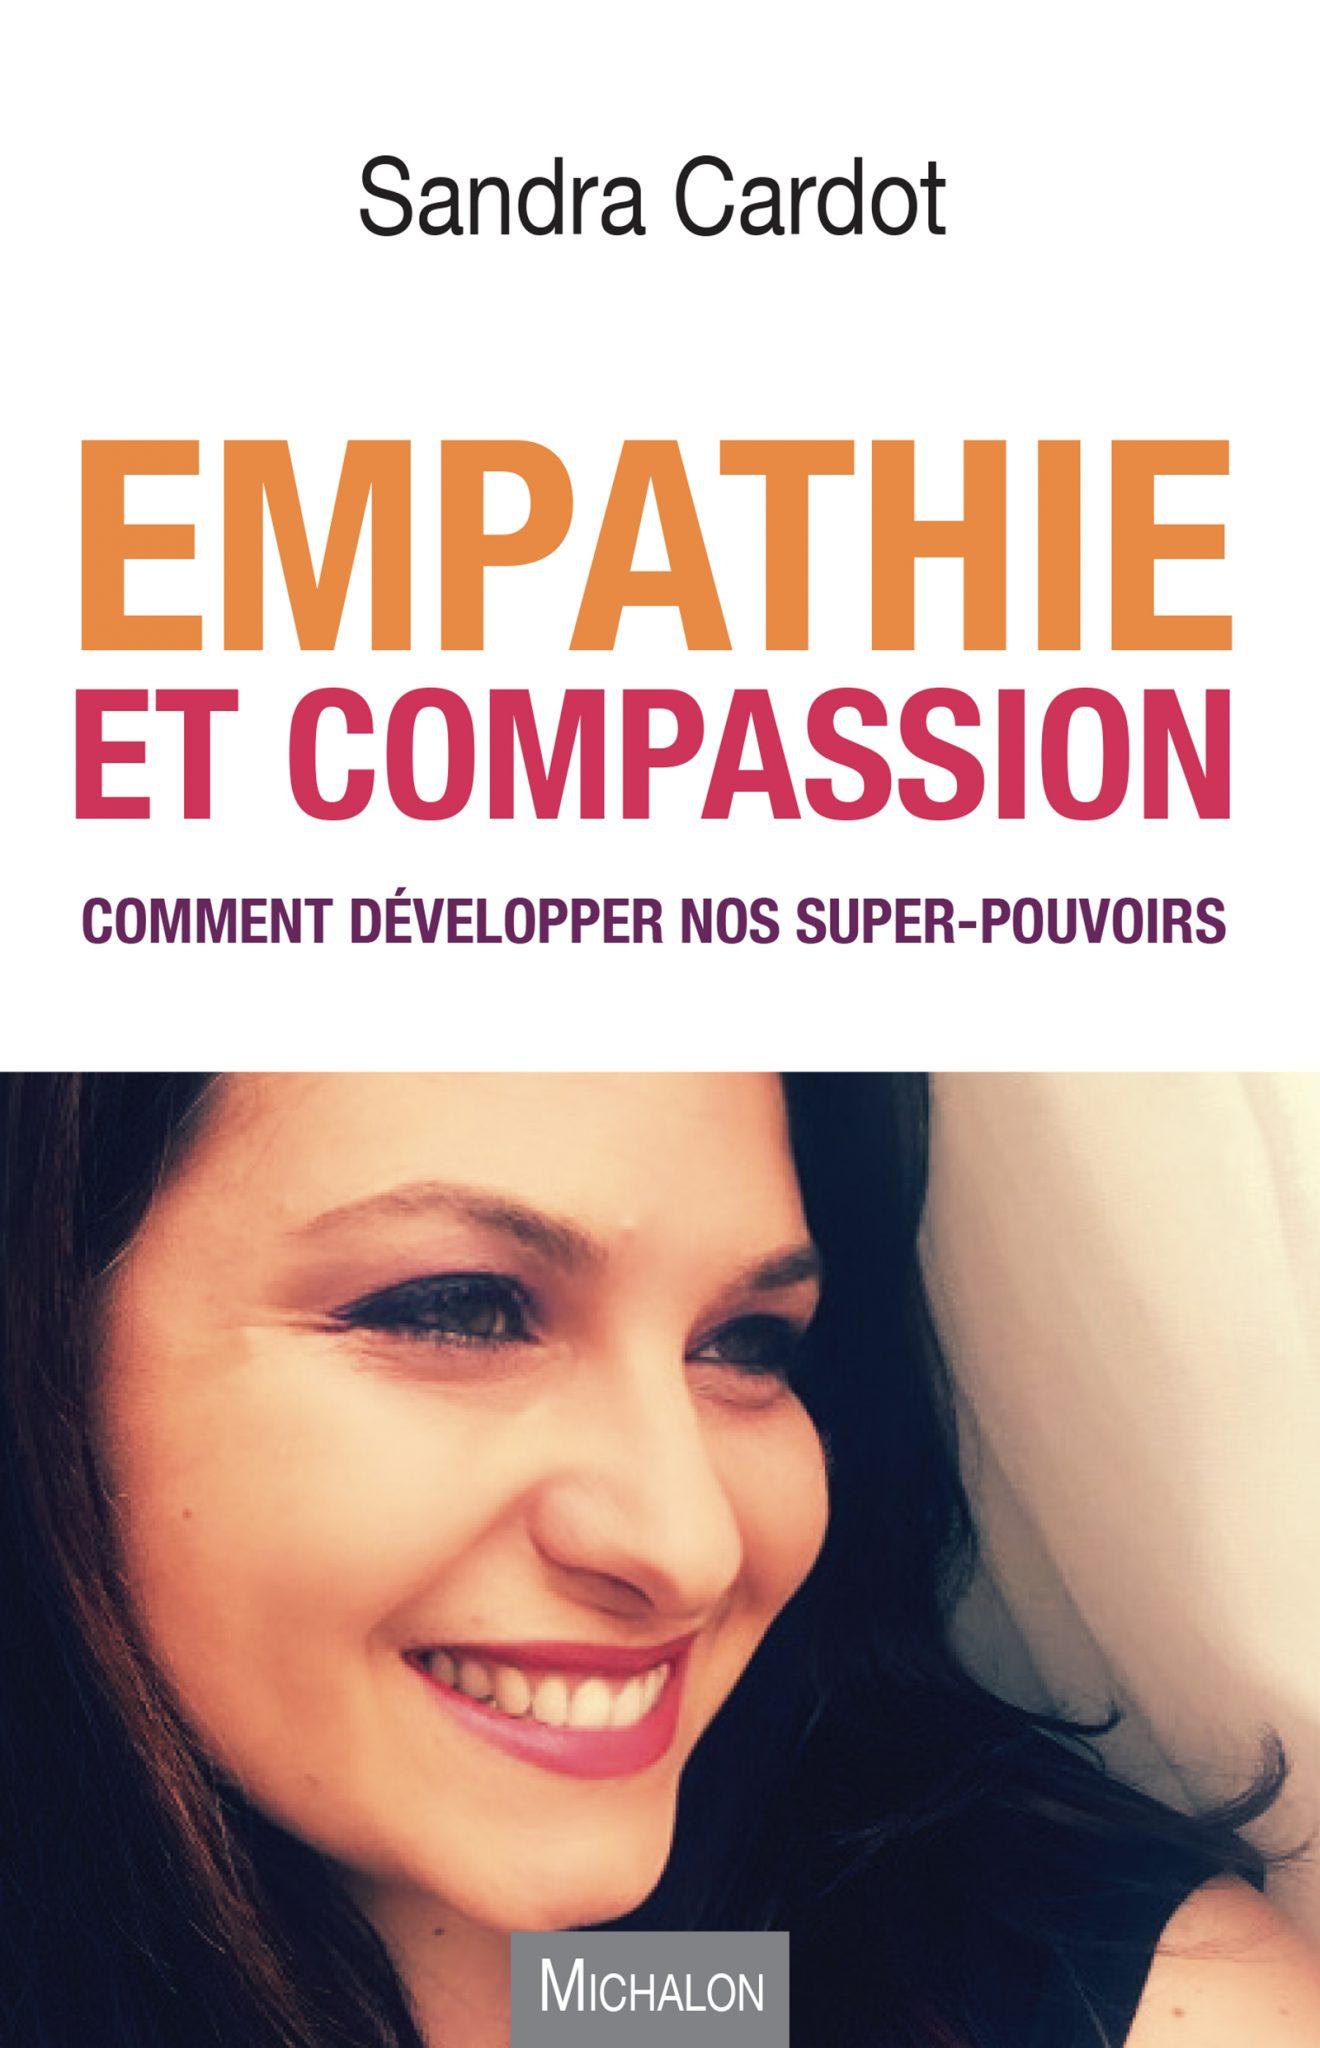 Empathie et compassion: Comment développer nos super-pouvoirs.